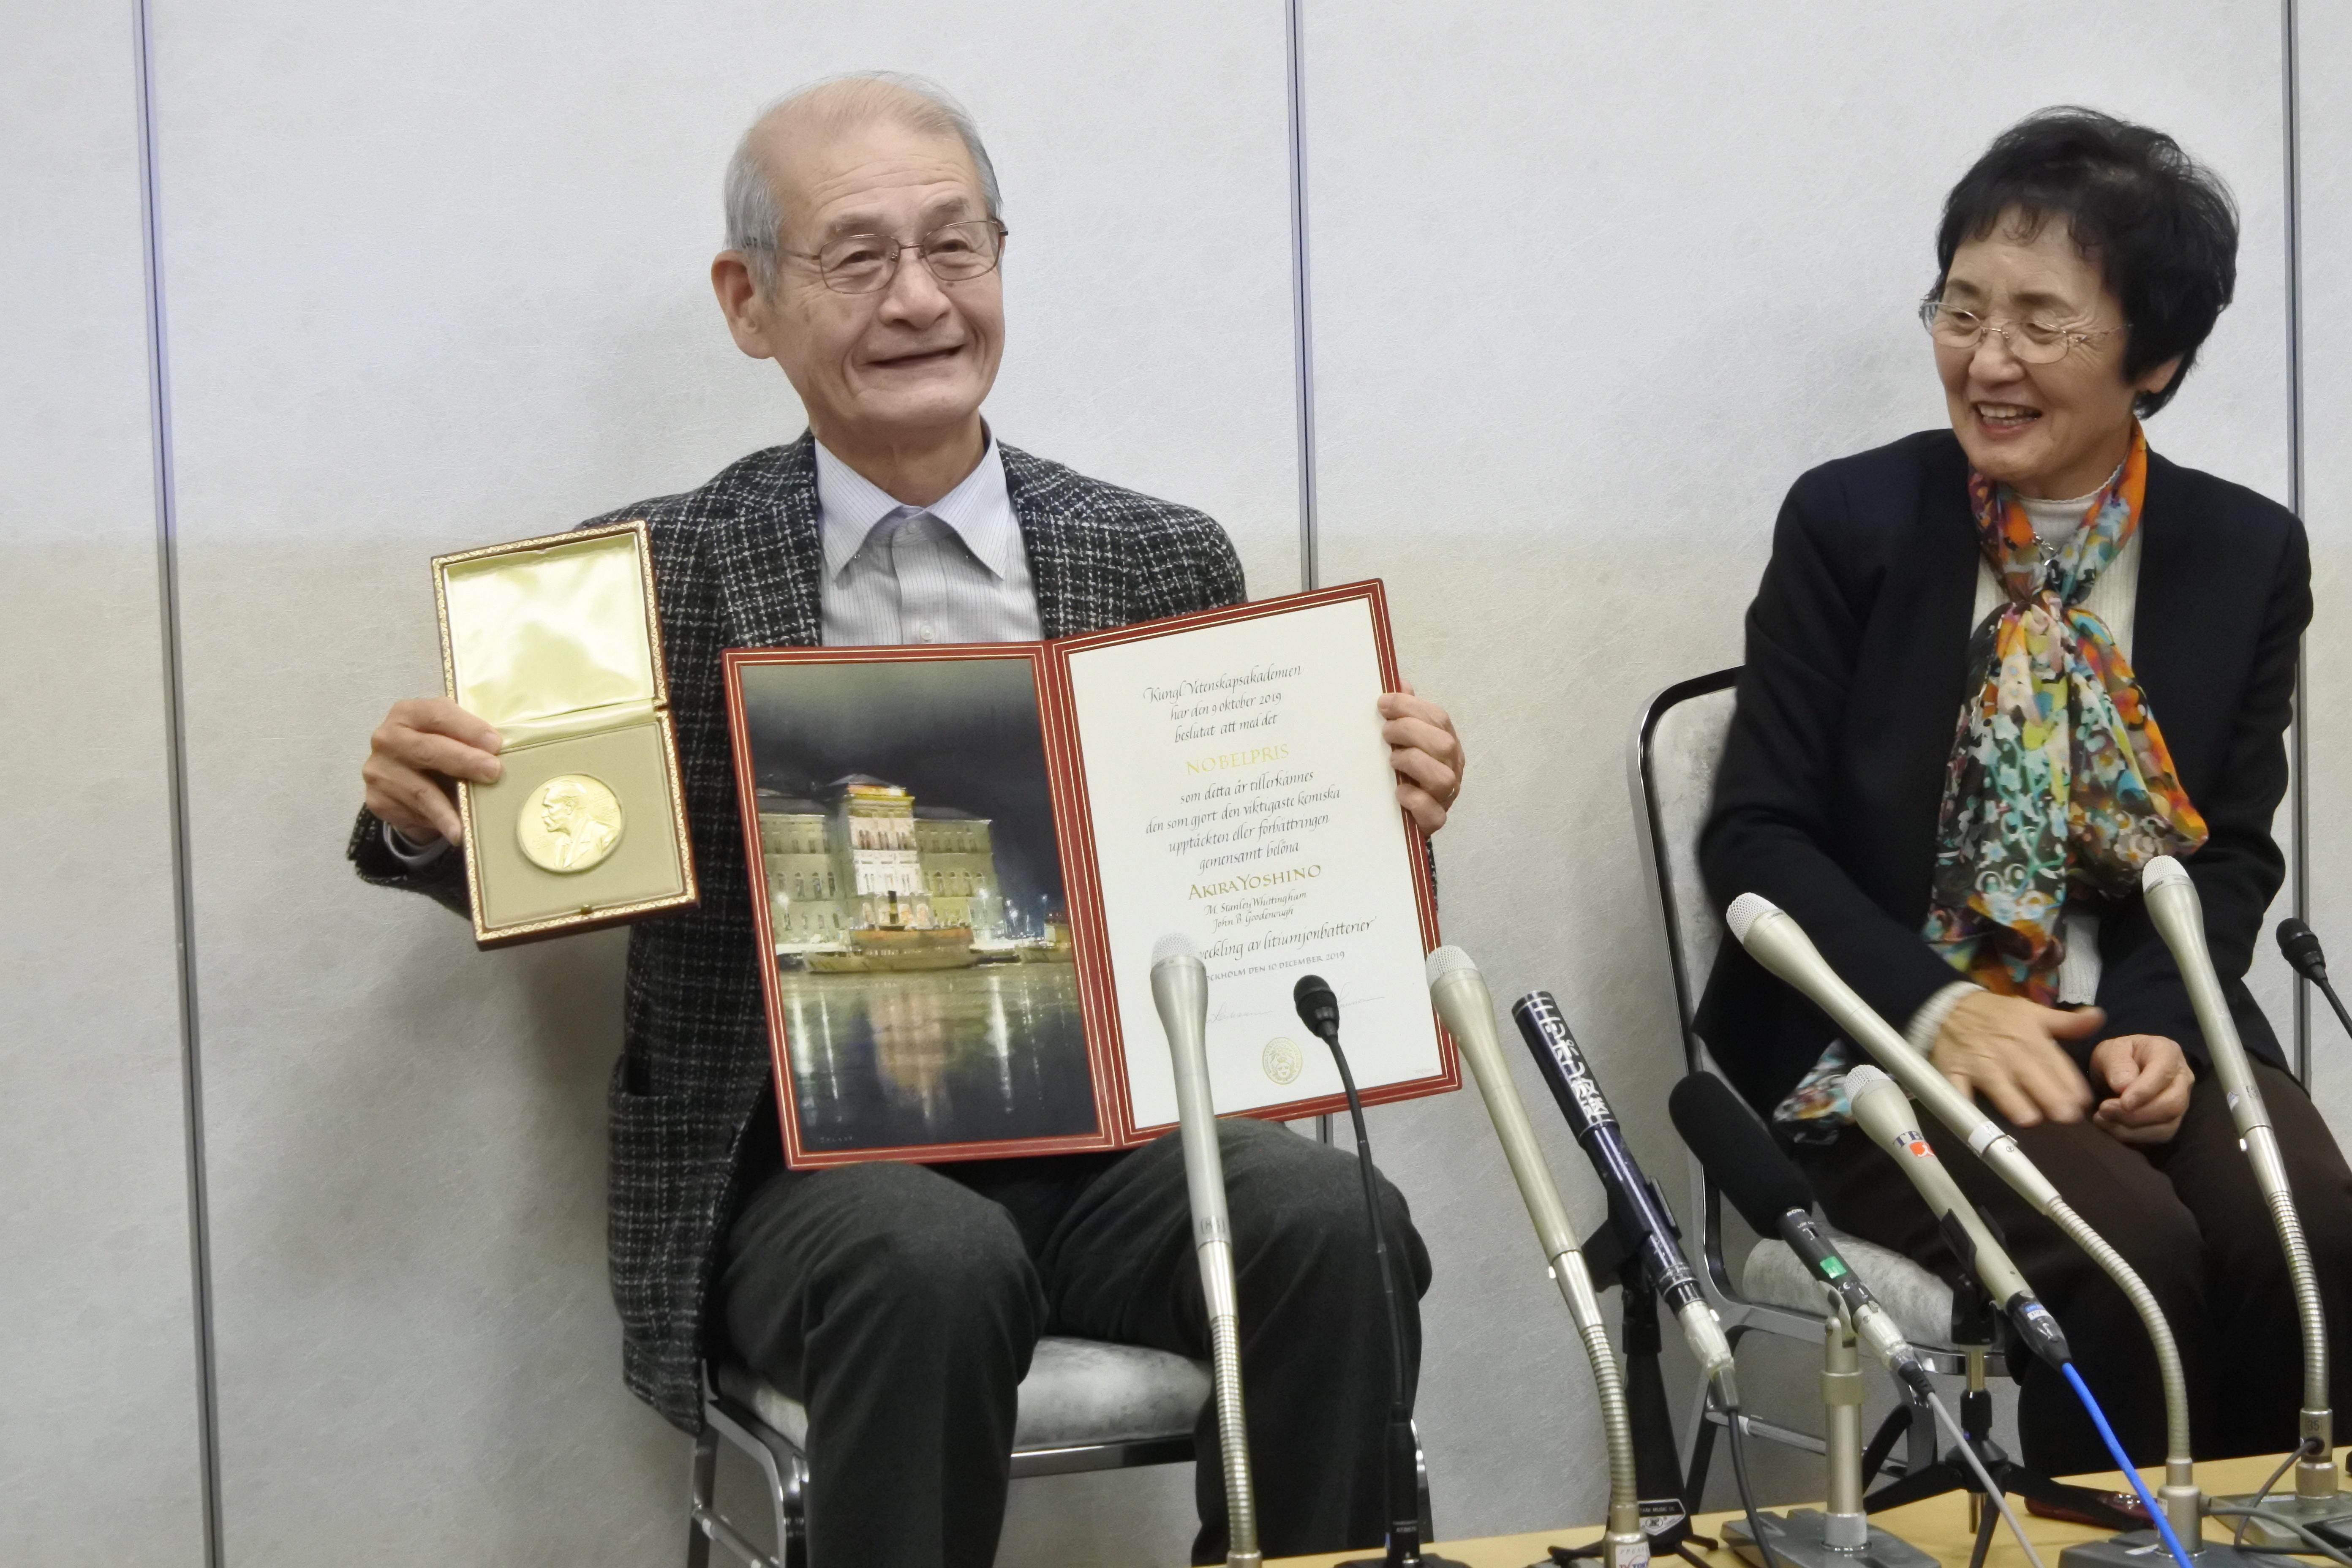 メダルと賞状を披露する吉野教授(左)と久美子夫人